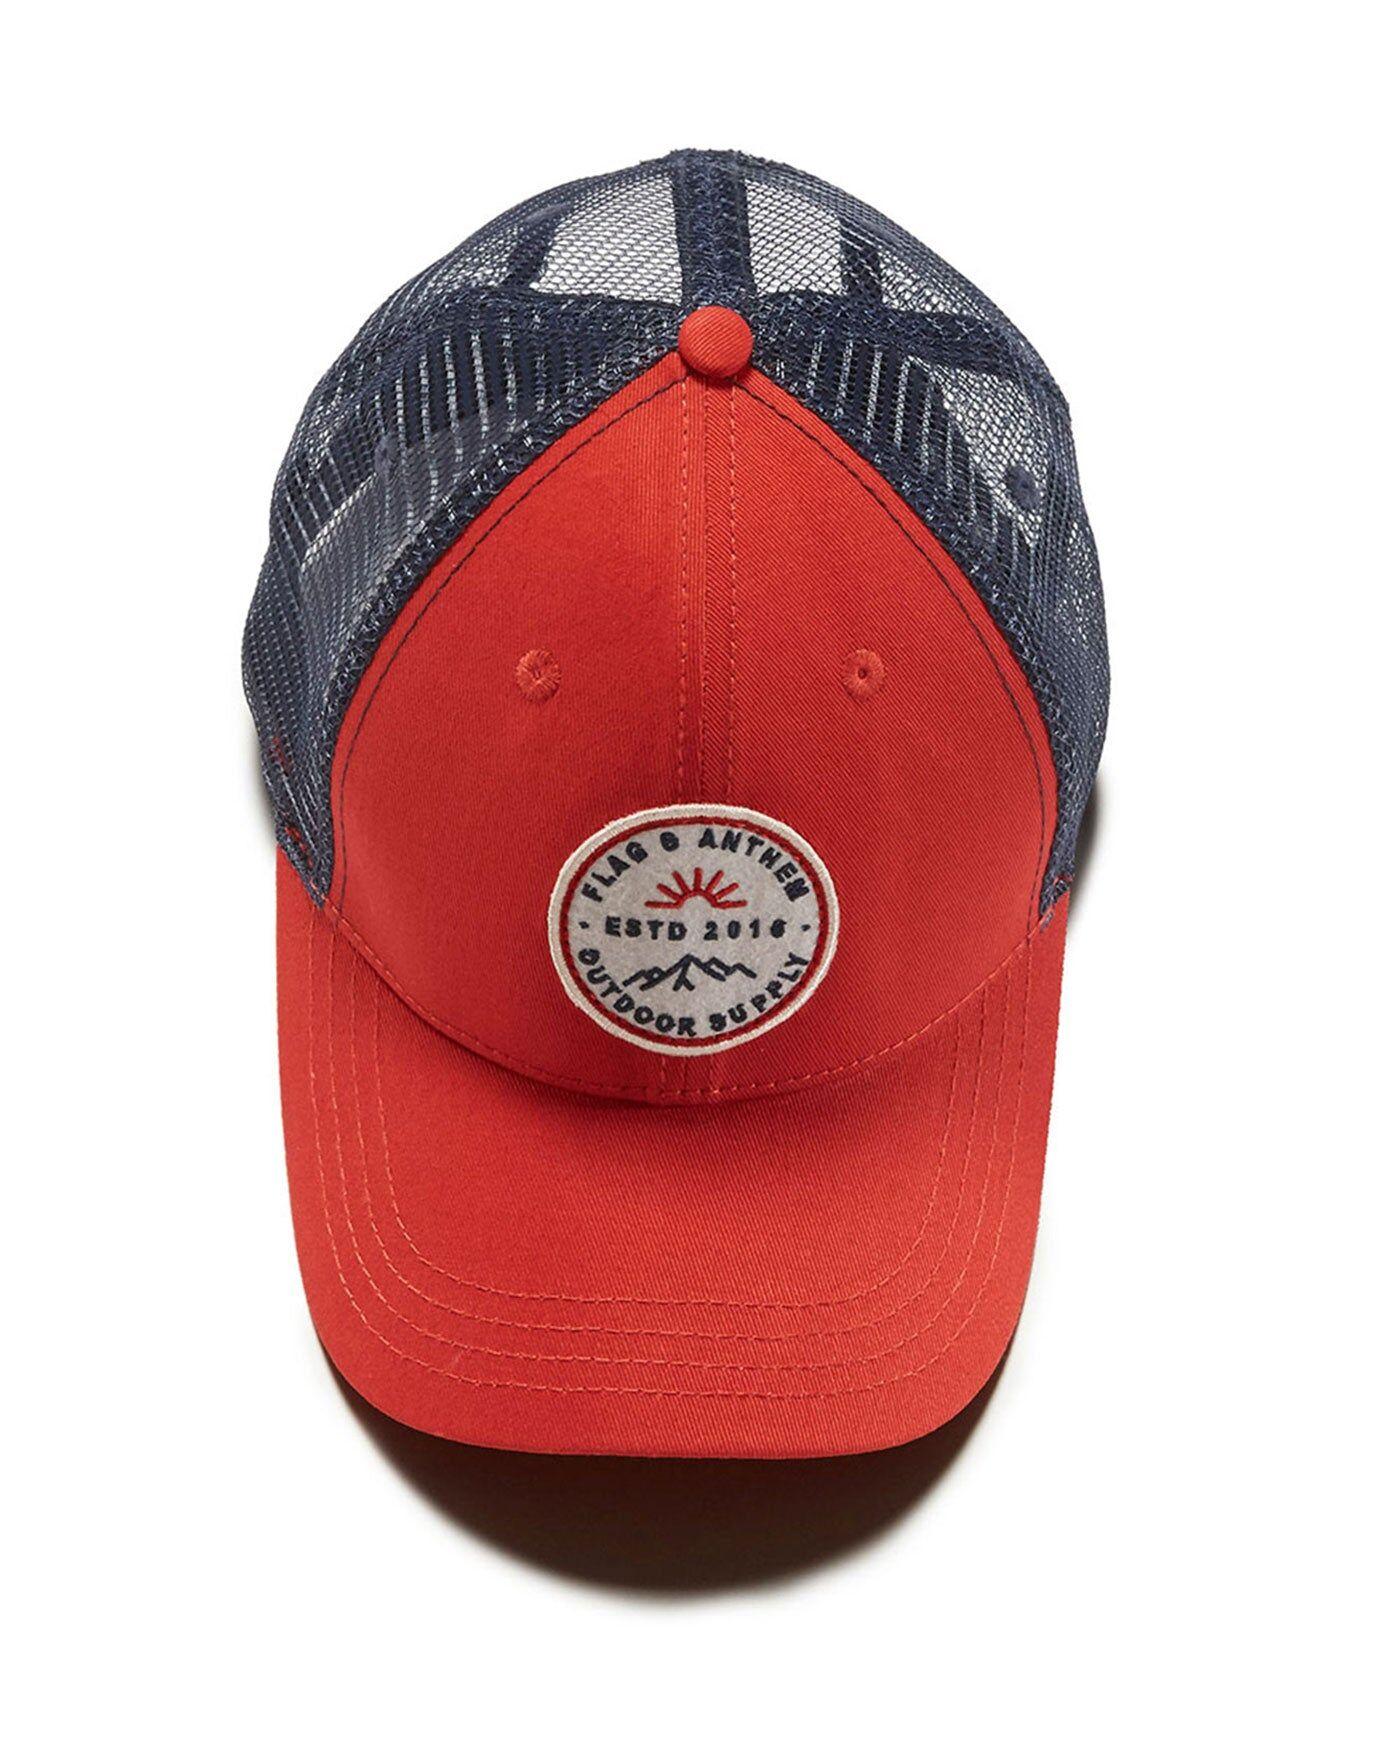 FlagAnthem EXPLORER TRUCKER HAT